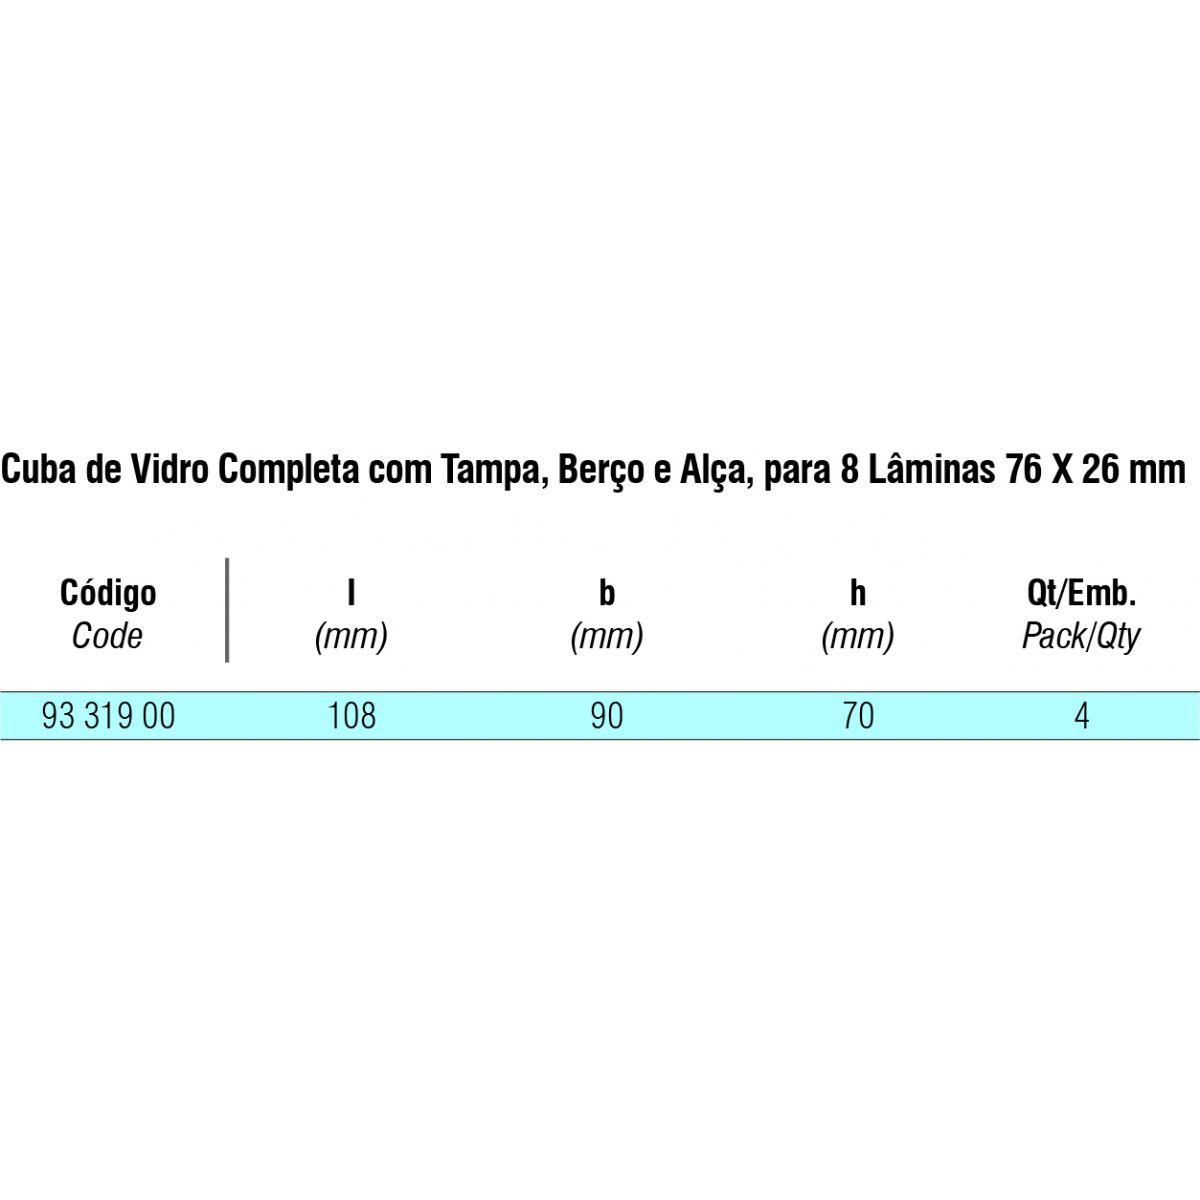 Cuba de Vidro completa com Berço e Alça para 8 Laminas  - loja.laborglas.com.br